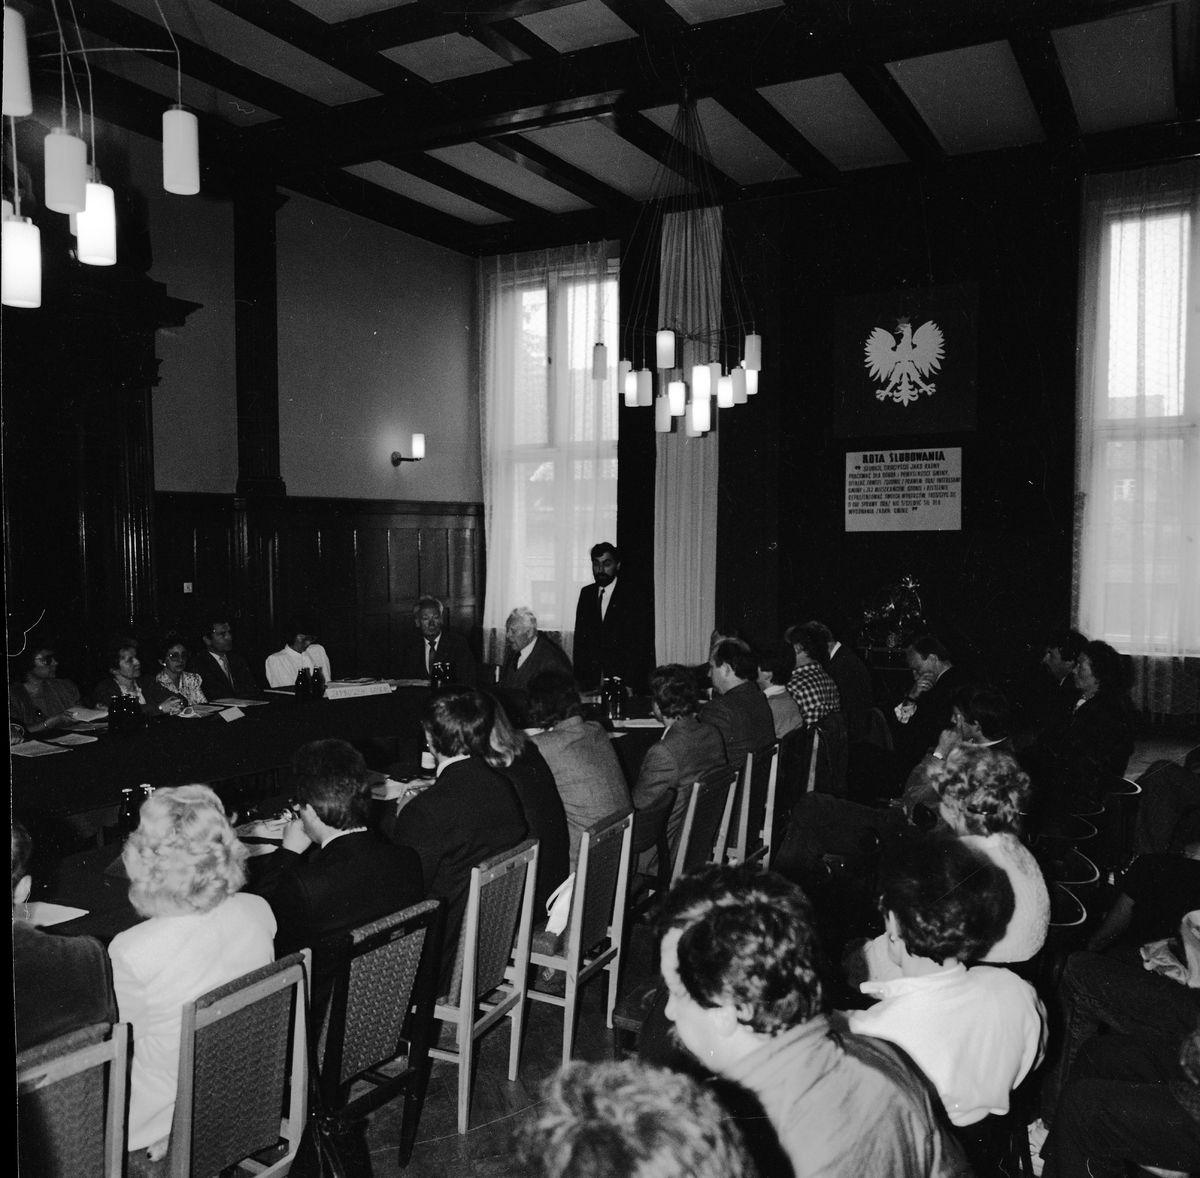 Uroczysta sesja Rady Miejskiej, 1990 r. [5]